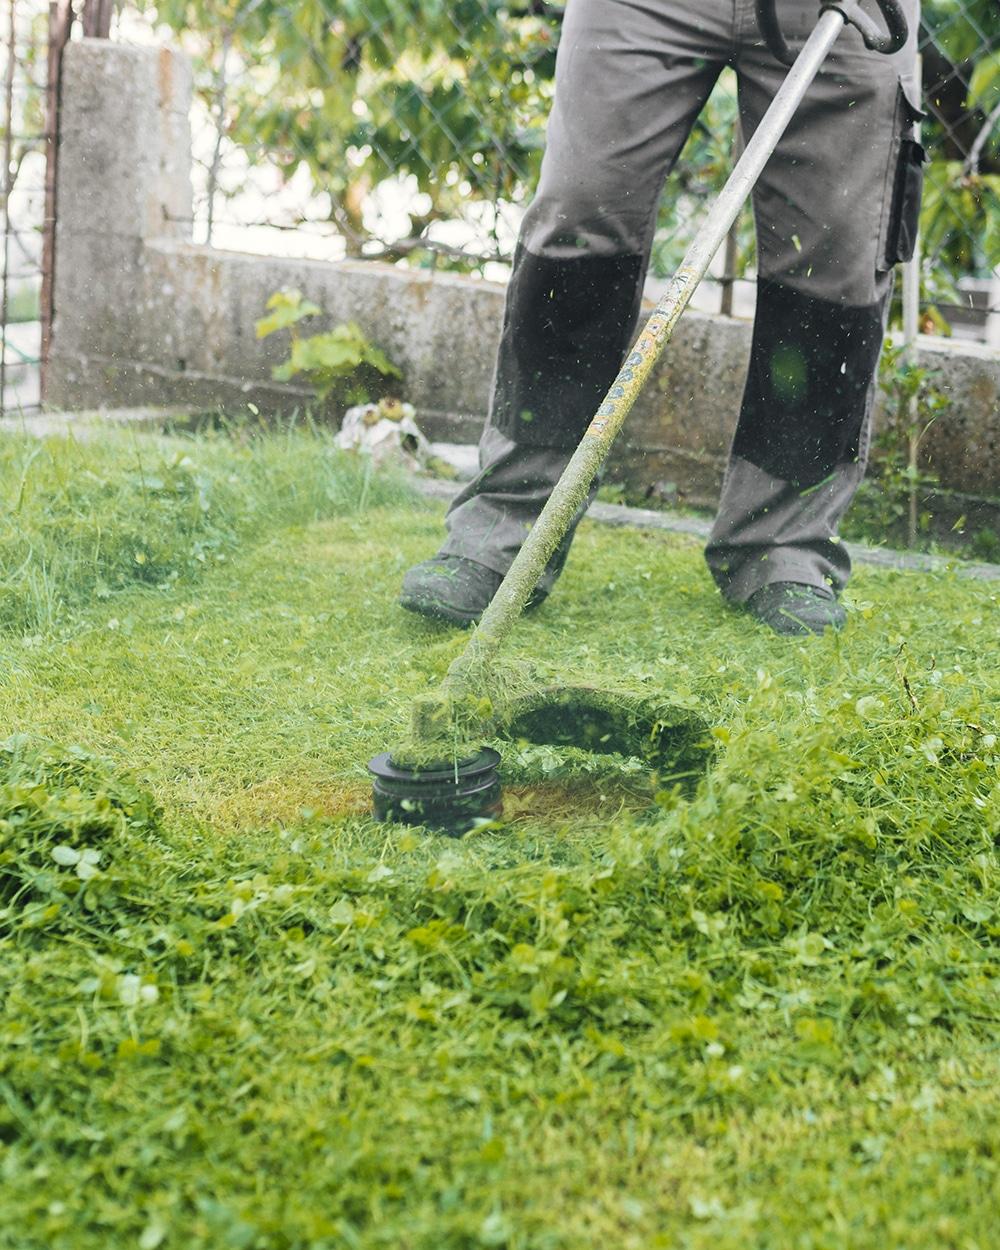 Servicio de jardinería en Madrid. ¿Necesitas un jardinero?